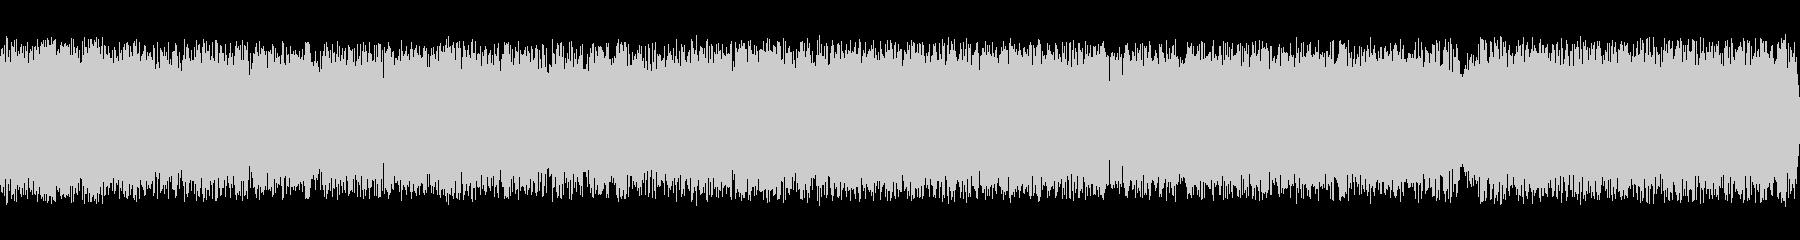 ホットタブ吸引ホースの未再生の波形